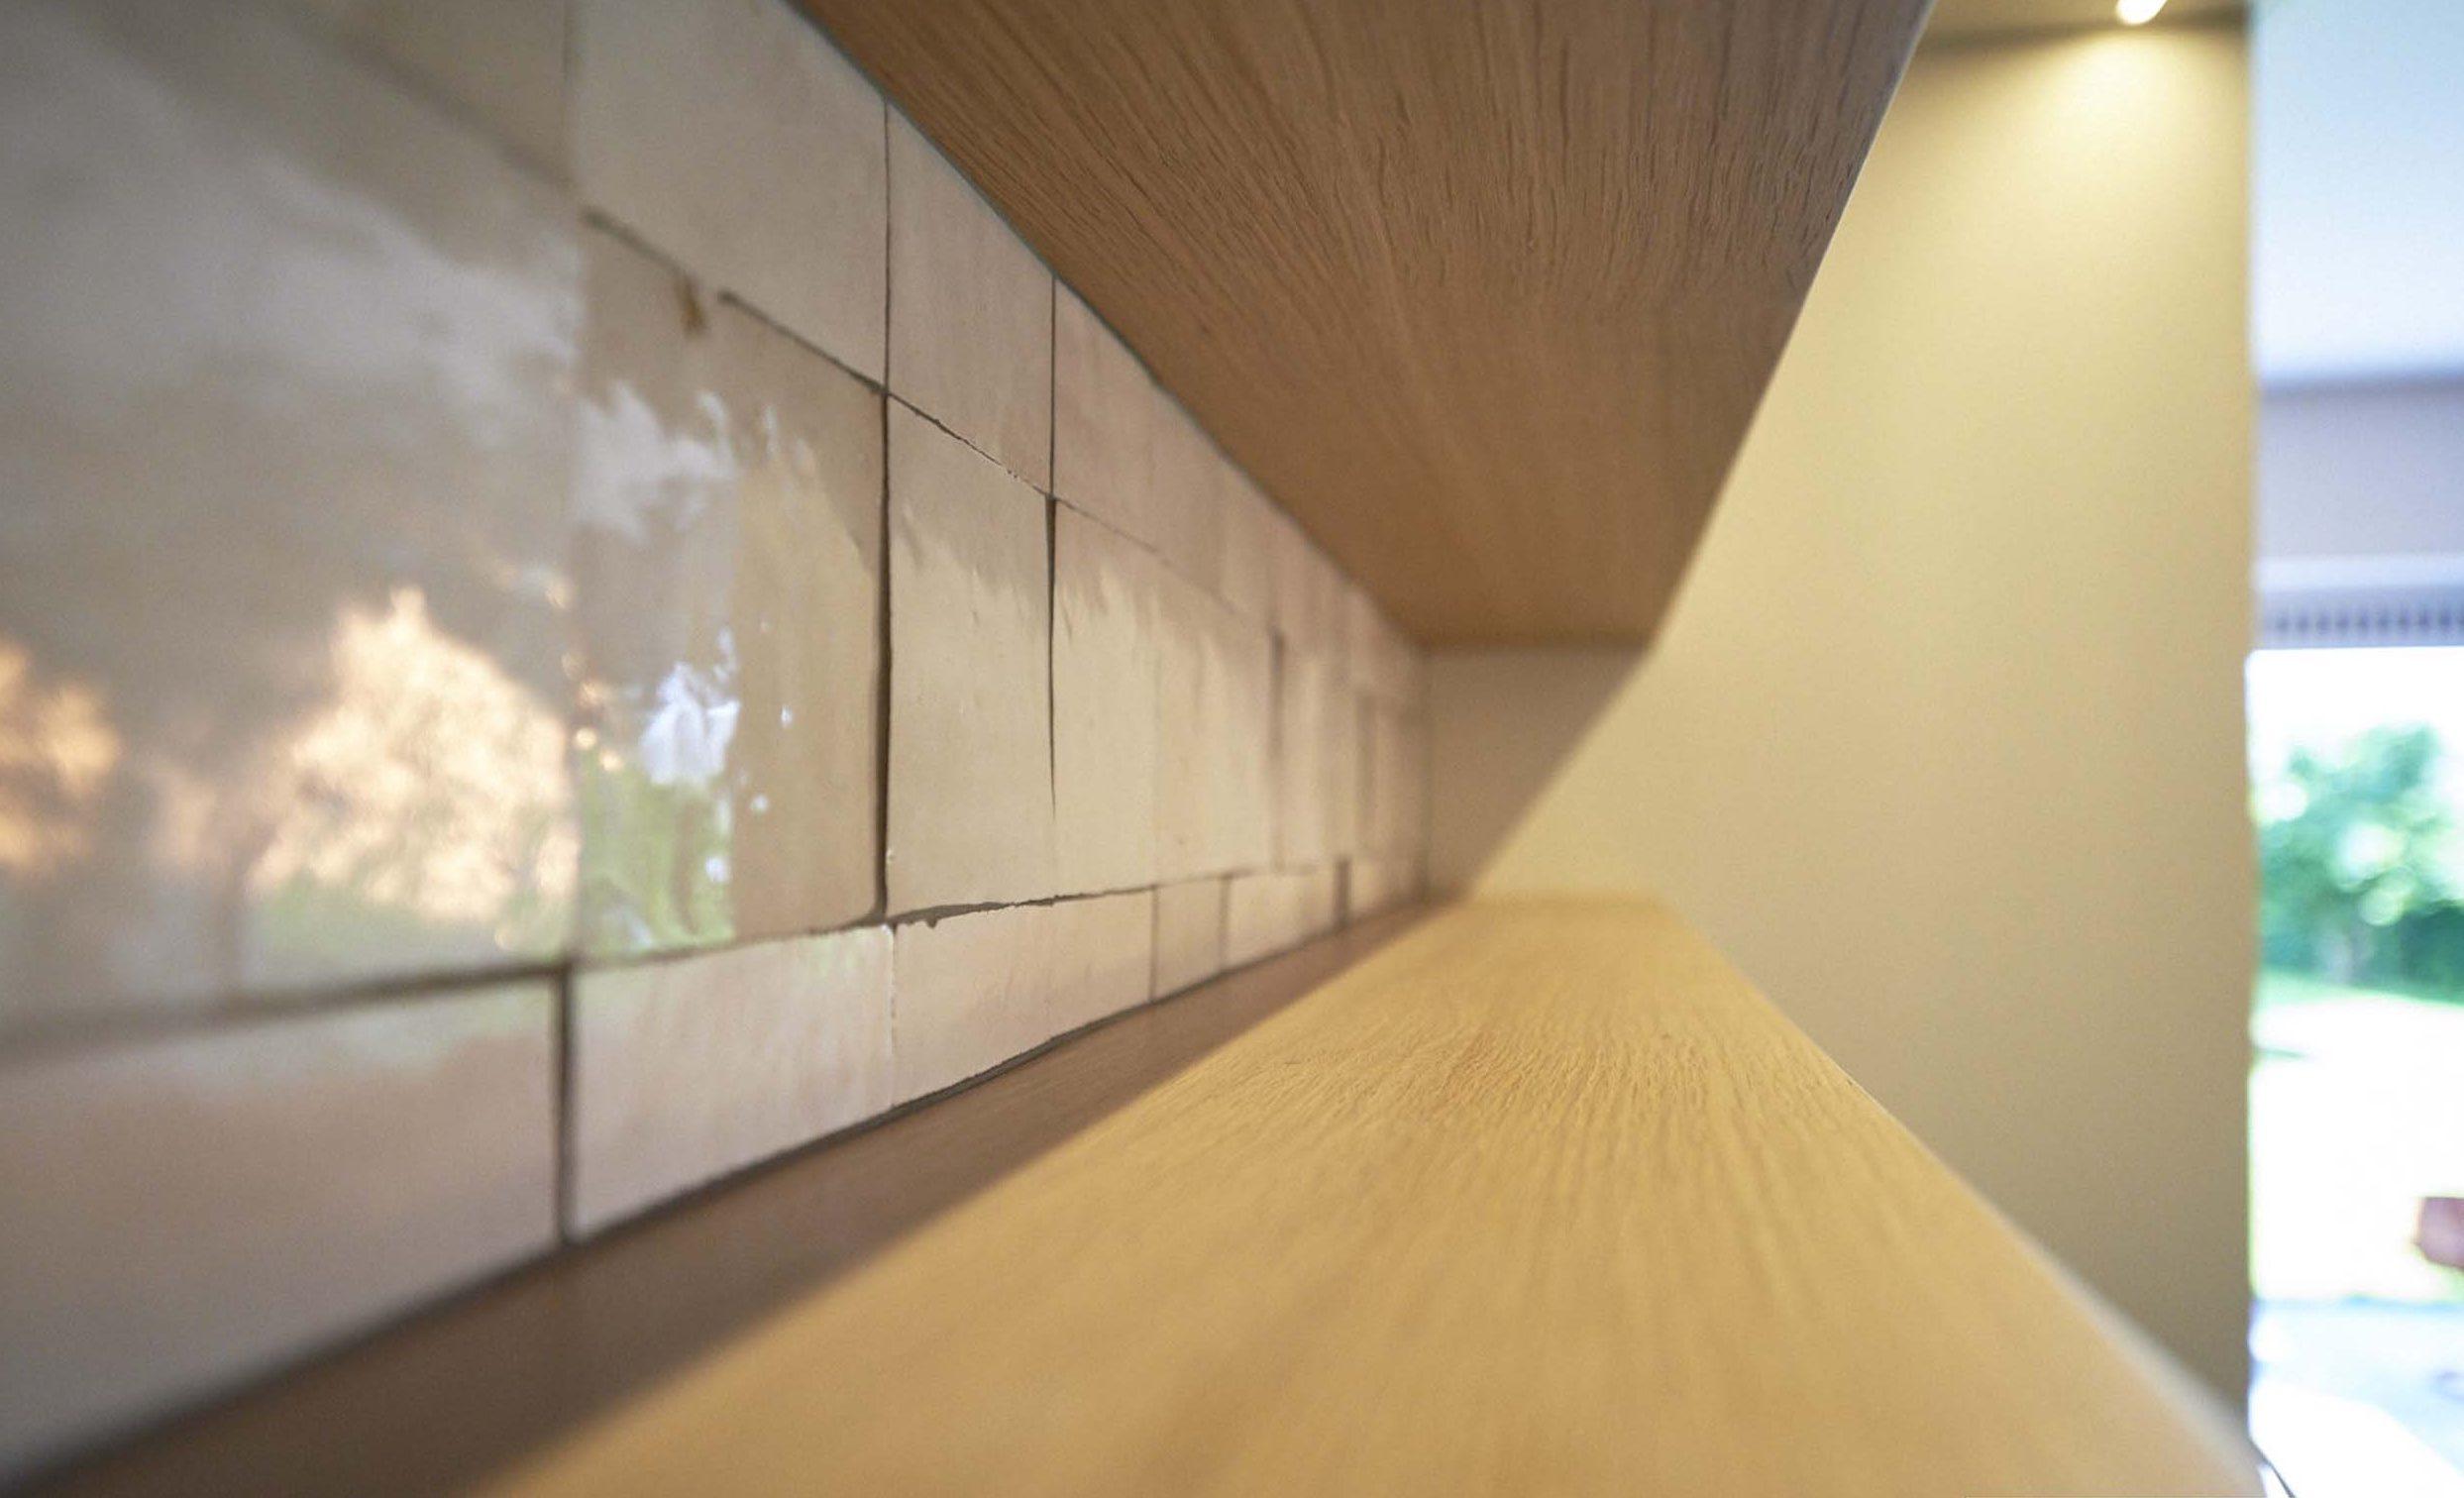 Vanda-projects-interieurinrichting-meubelmakerij-oost-vlaanderen-dumoulin-plank